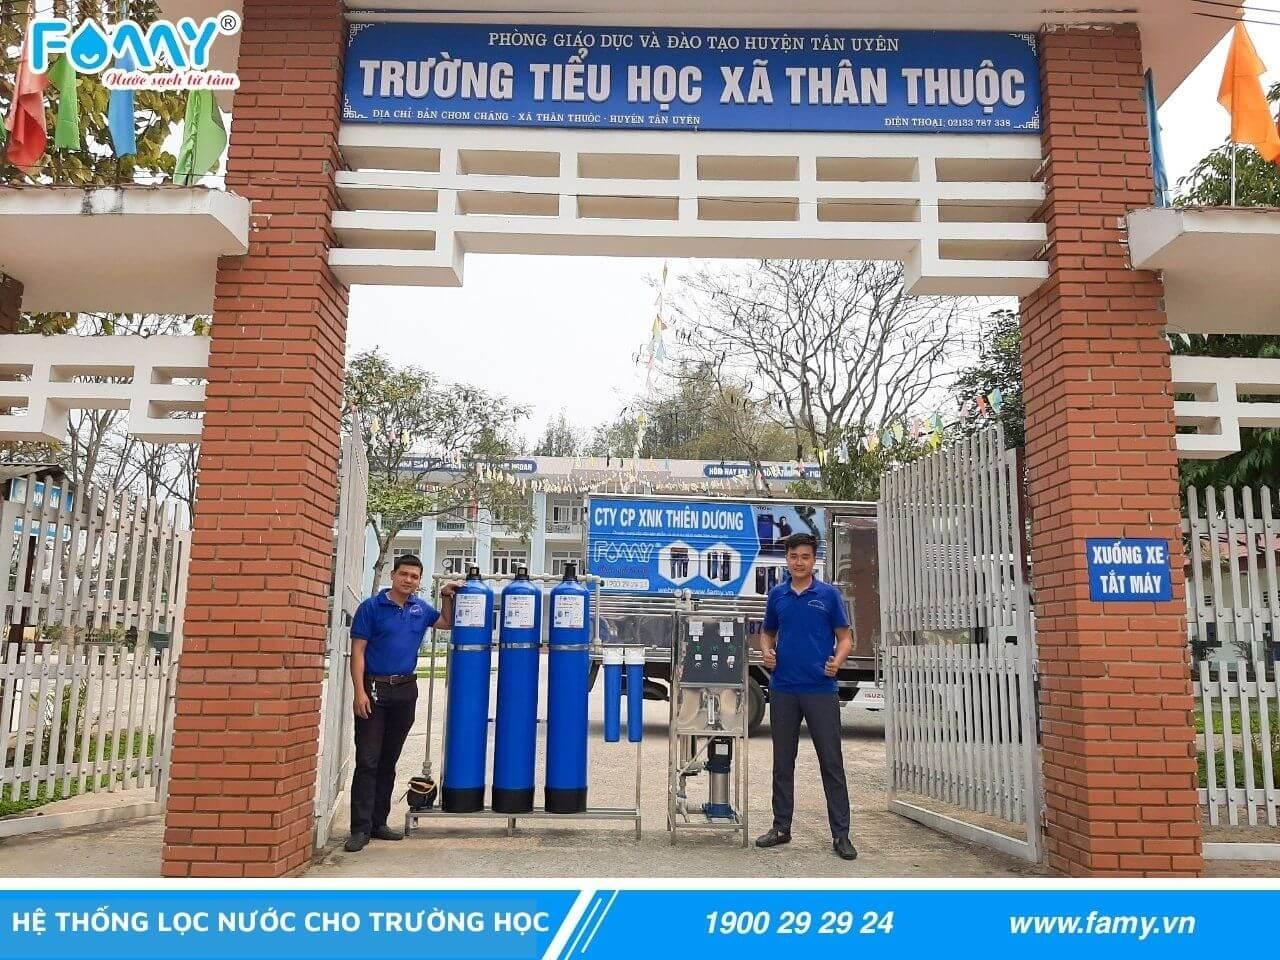 he-thong-loc-nuoc-truong-hoc-may-loc-nuoc-so-1-viet-nam.jpg